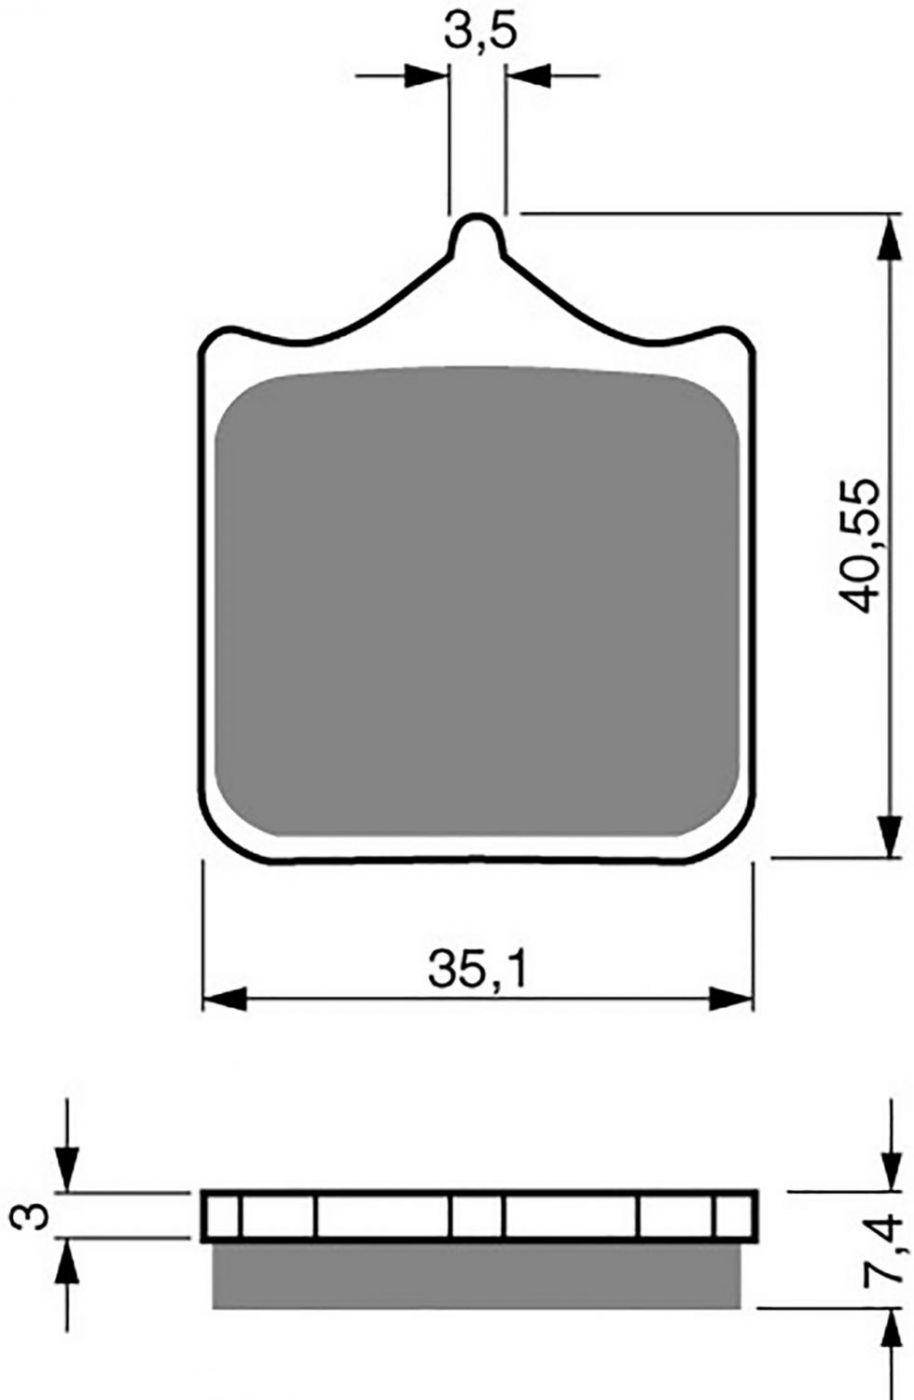 Goldfren GP5 Brake Pads - 700177GG image